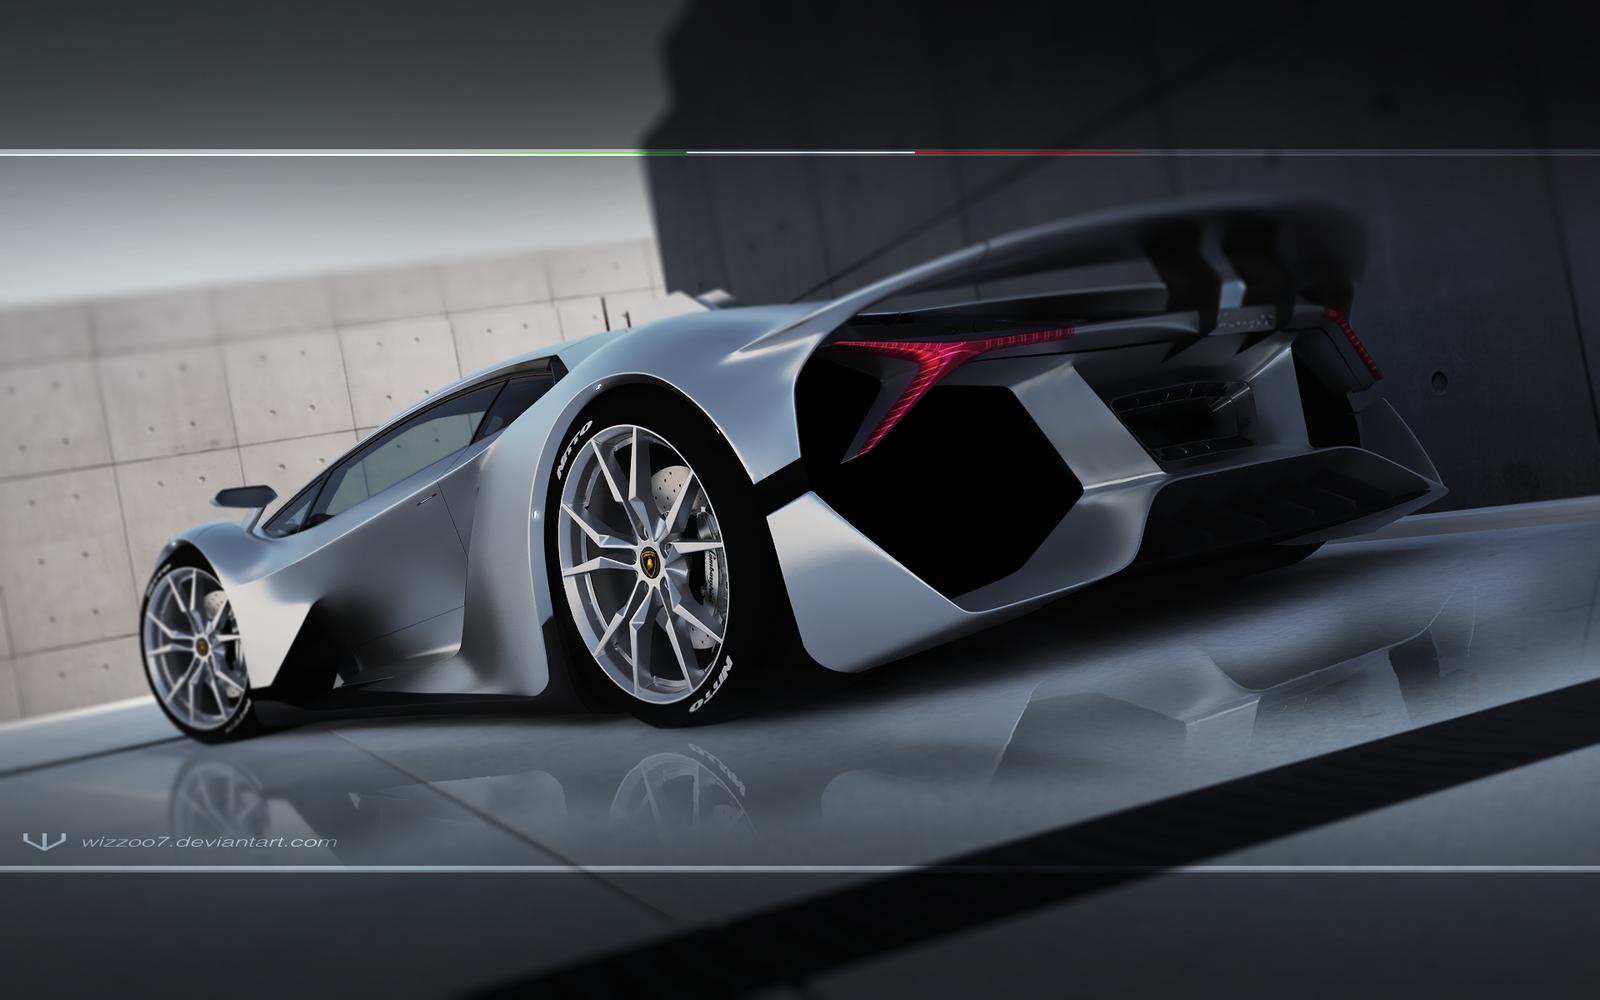 Lamborghini Avaorano Concept By Wizzoo7 On Deviantart